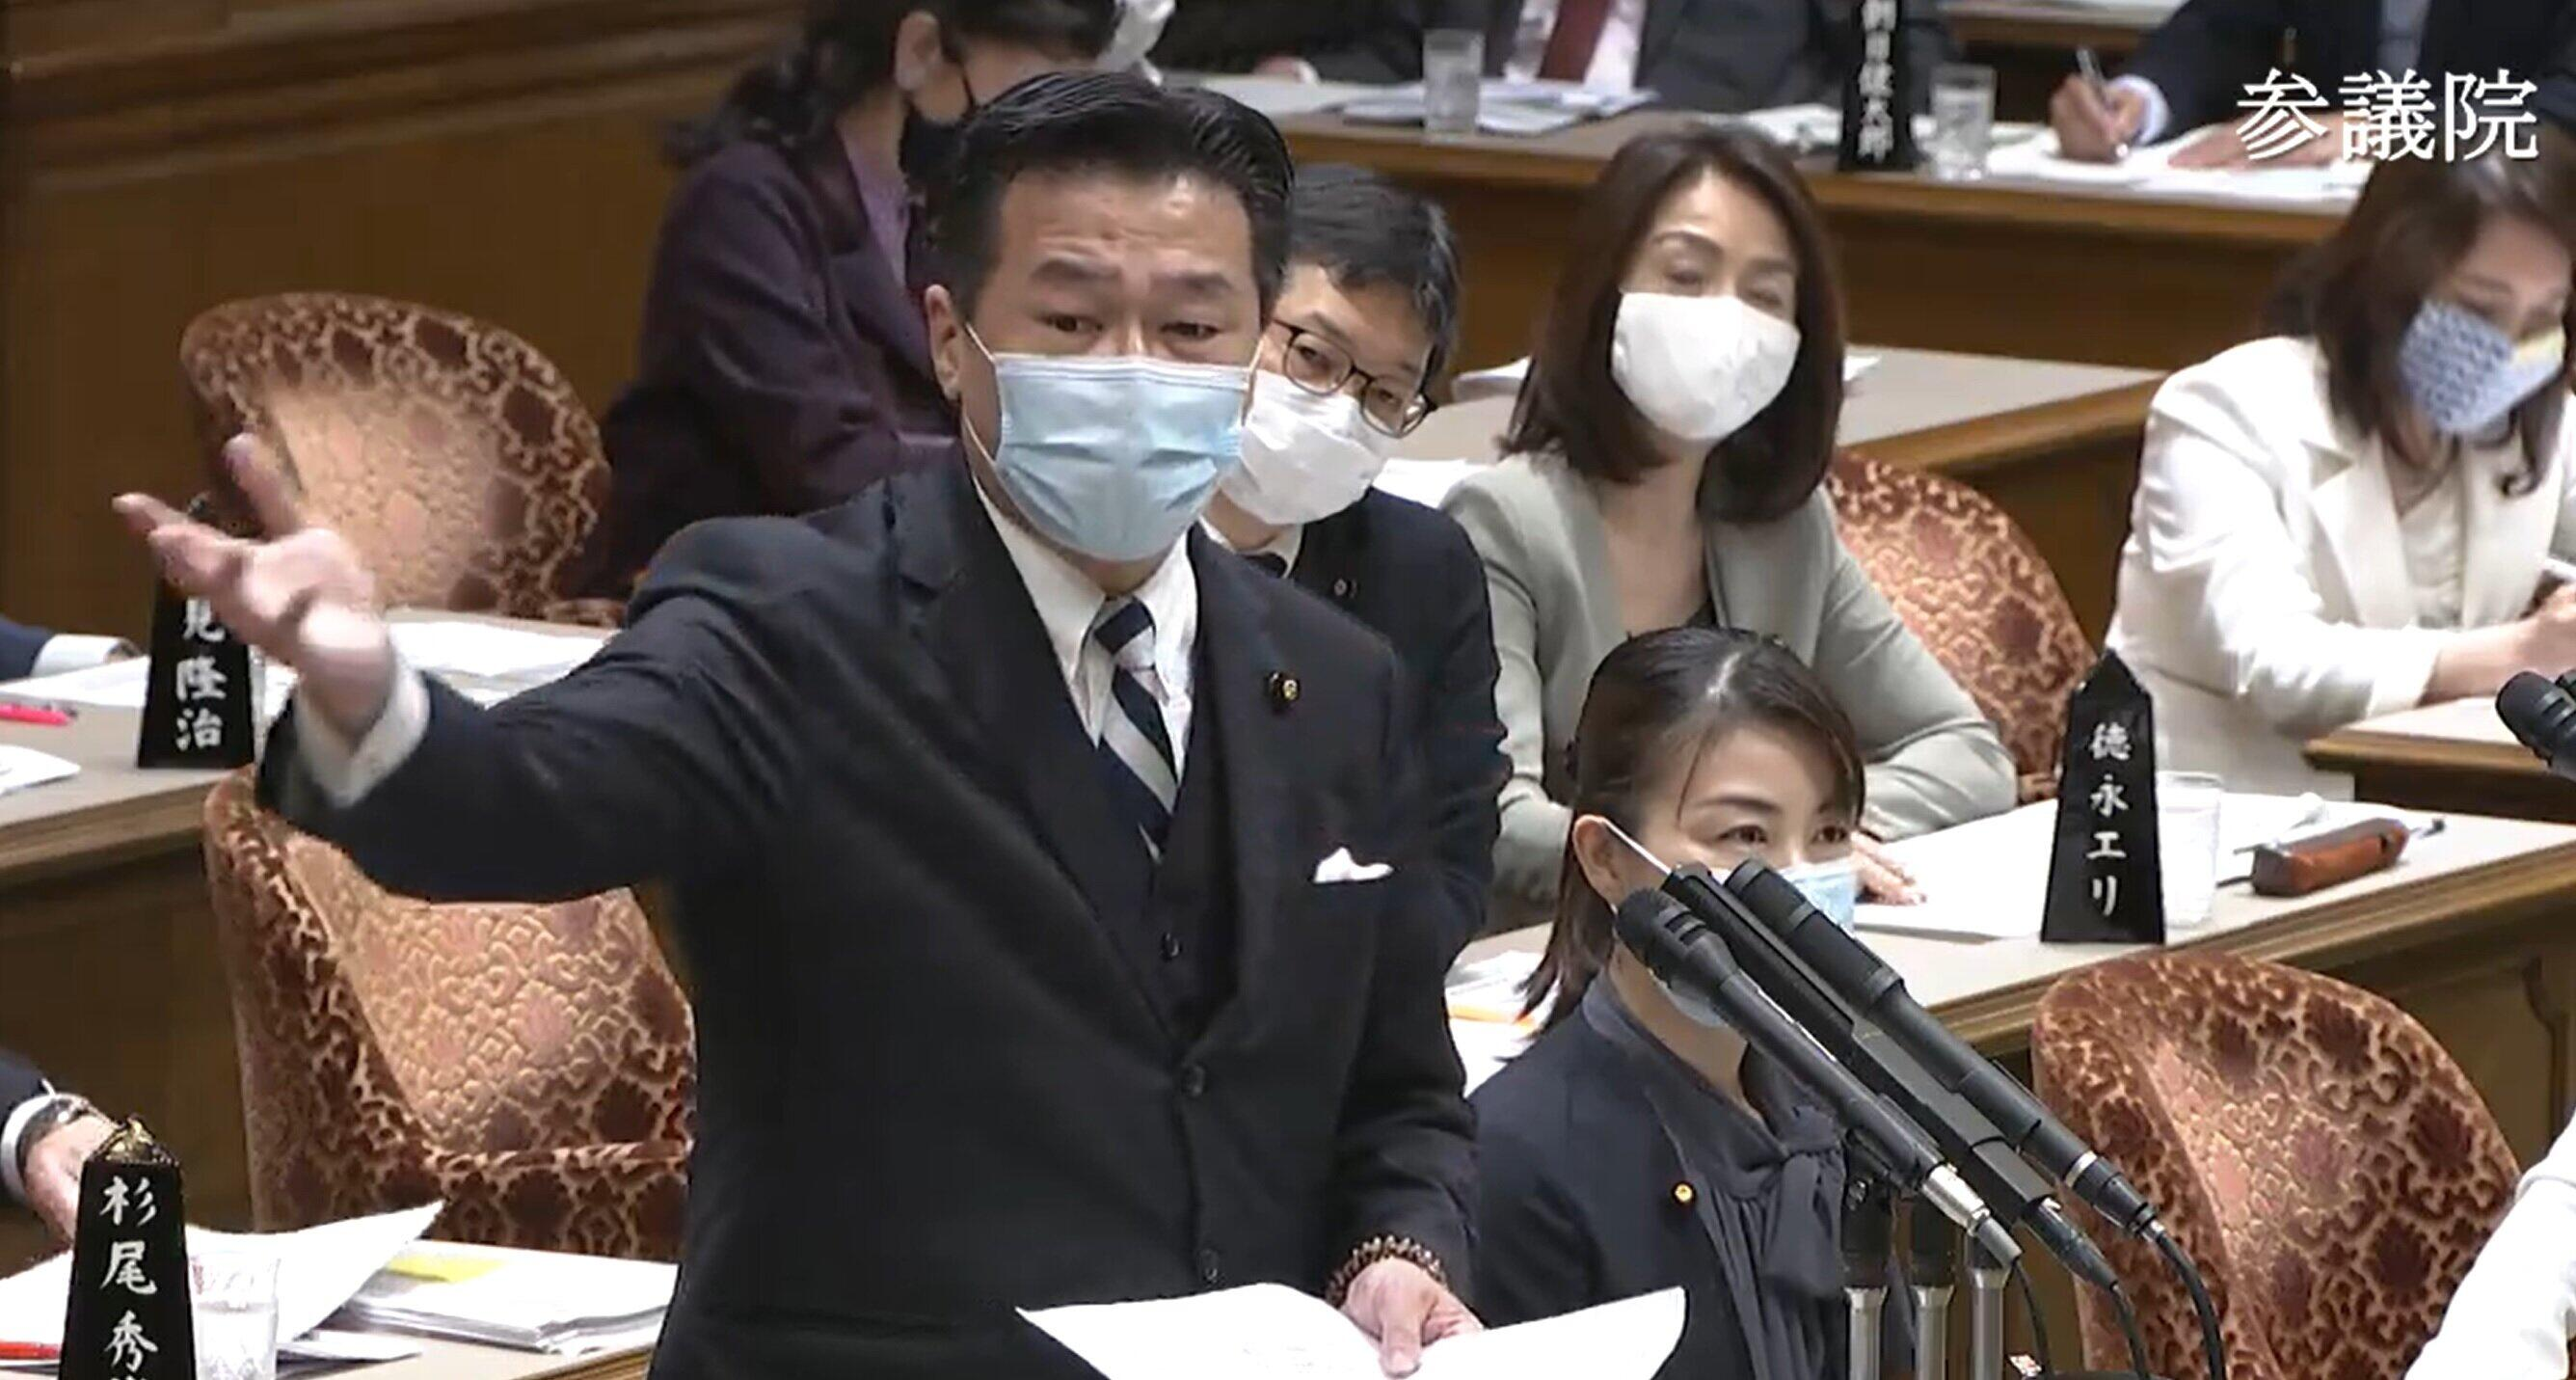 尾身副座長への国会質問に疑問続出 「#福山哲郎議員に抗議します」もトレンド1位に